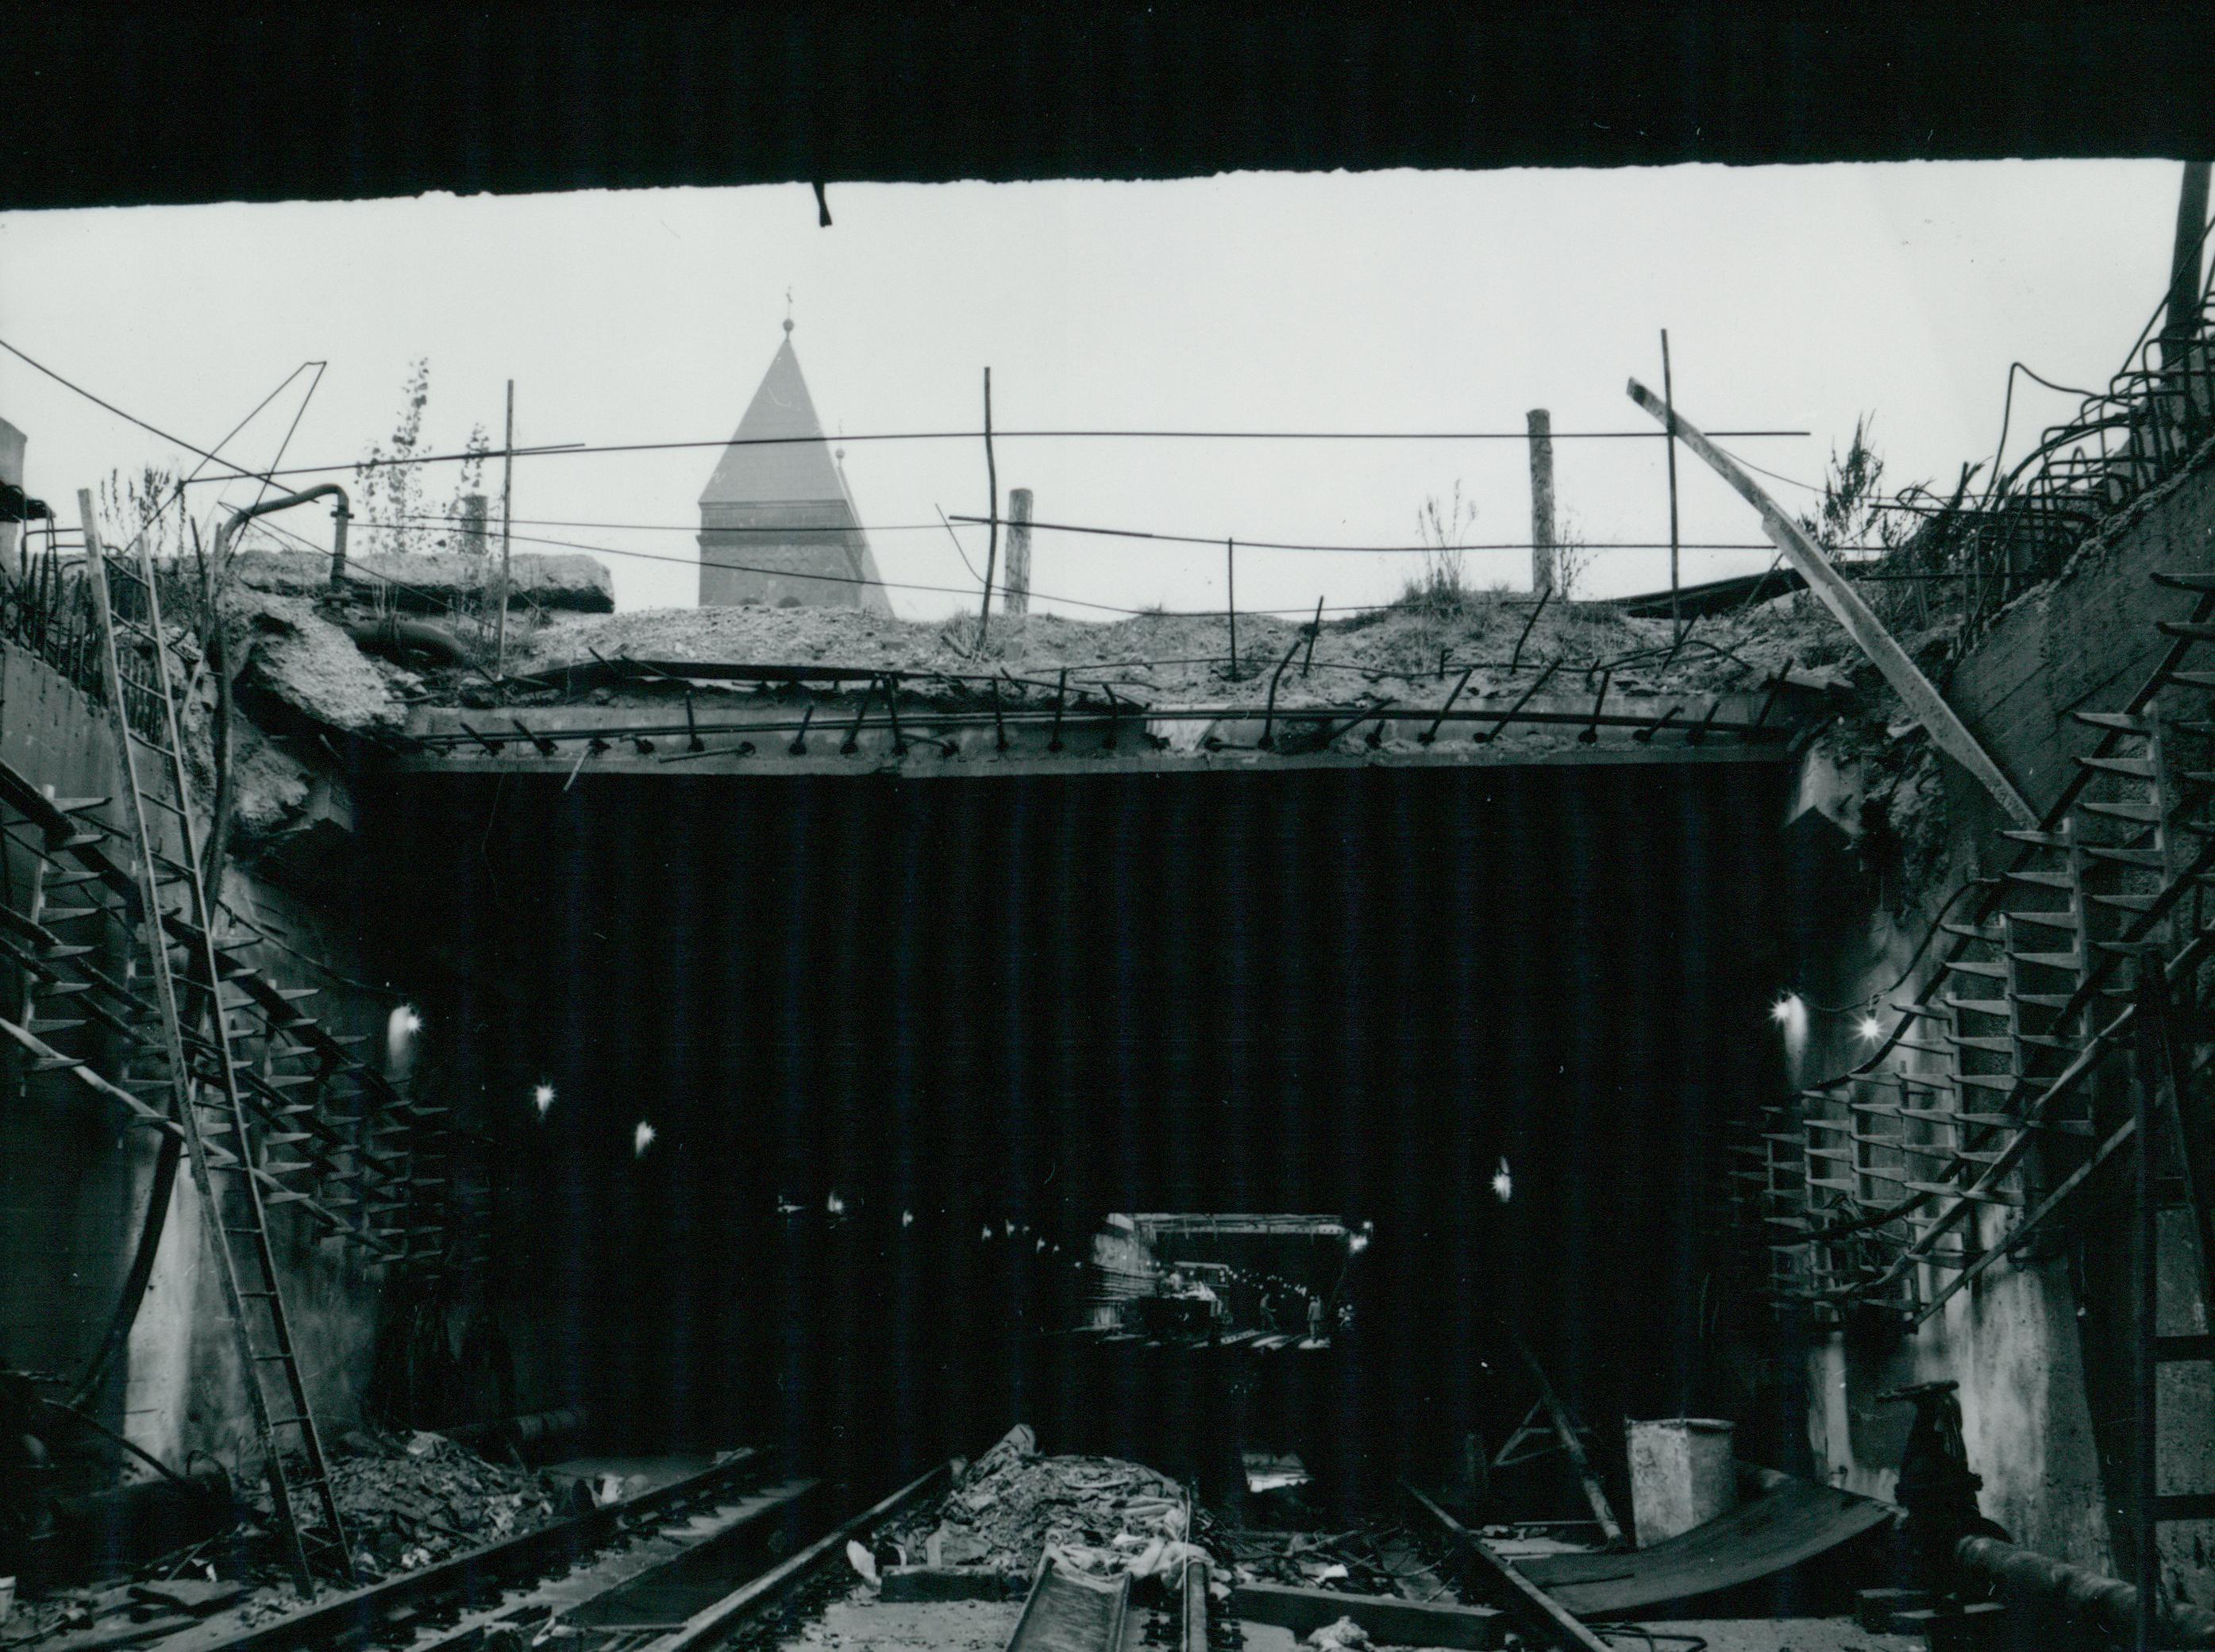 Födém építése a 3-as metró Ecseri úti megállójánál